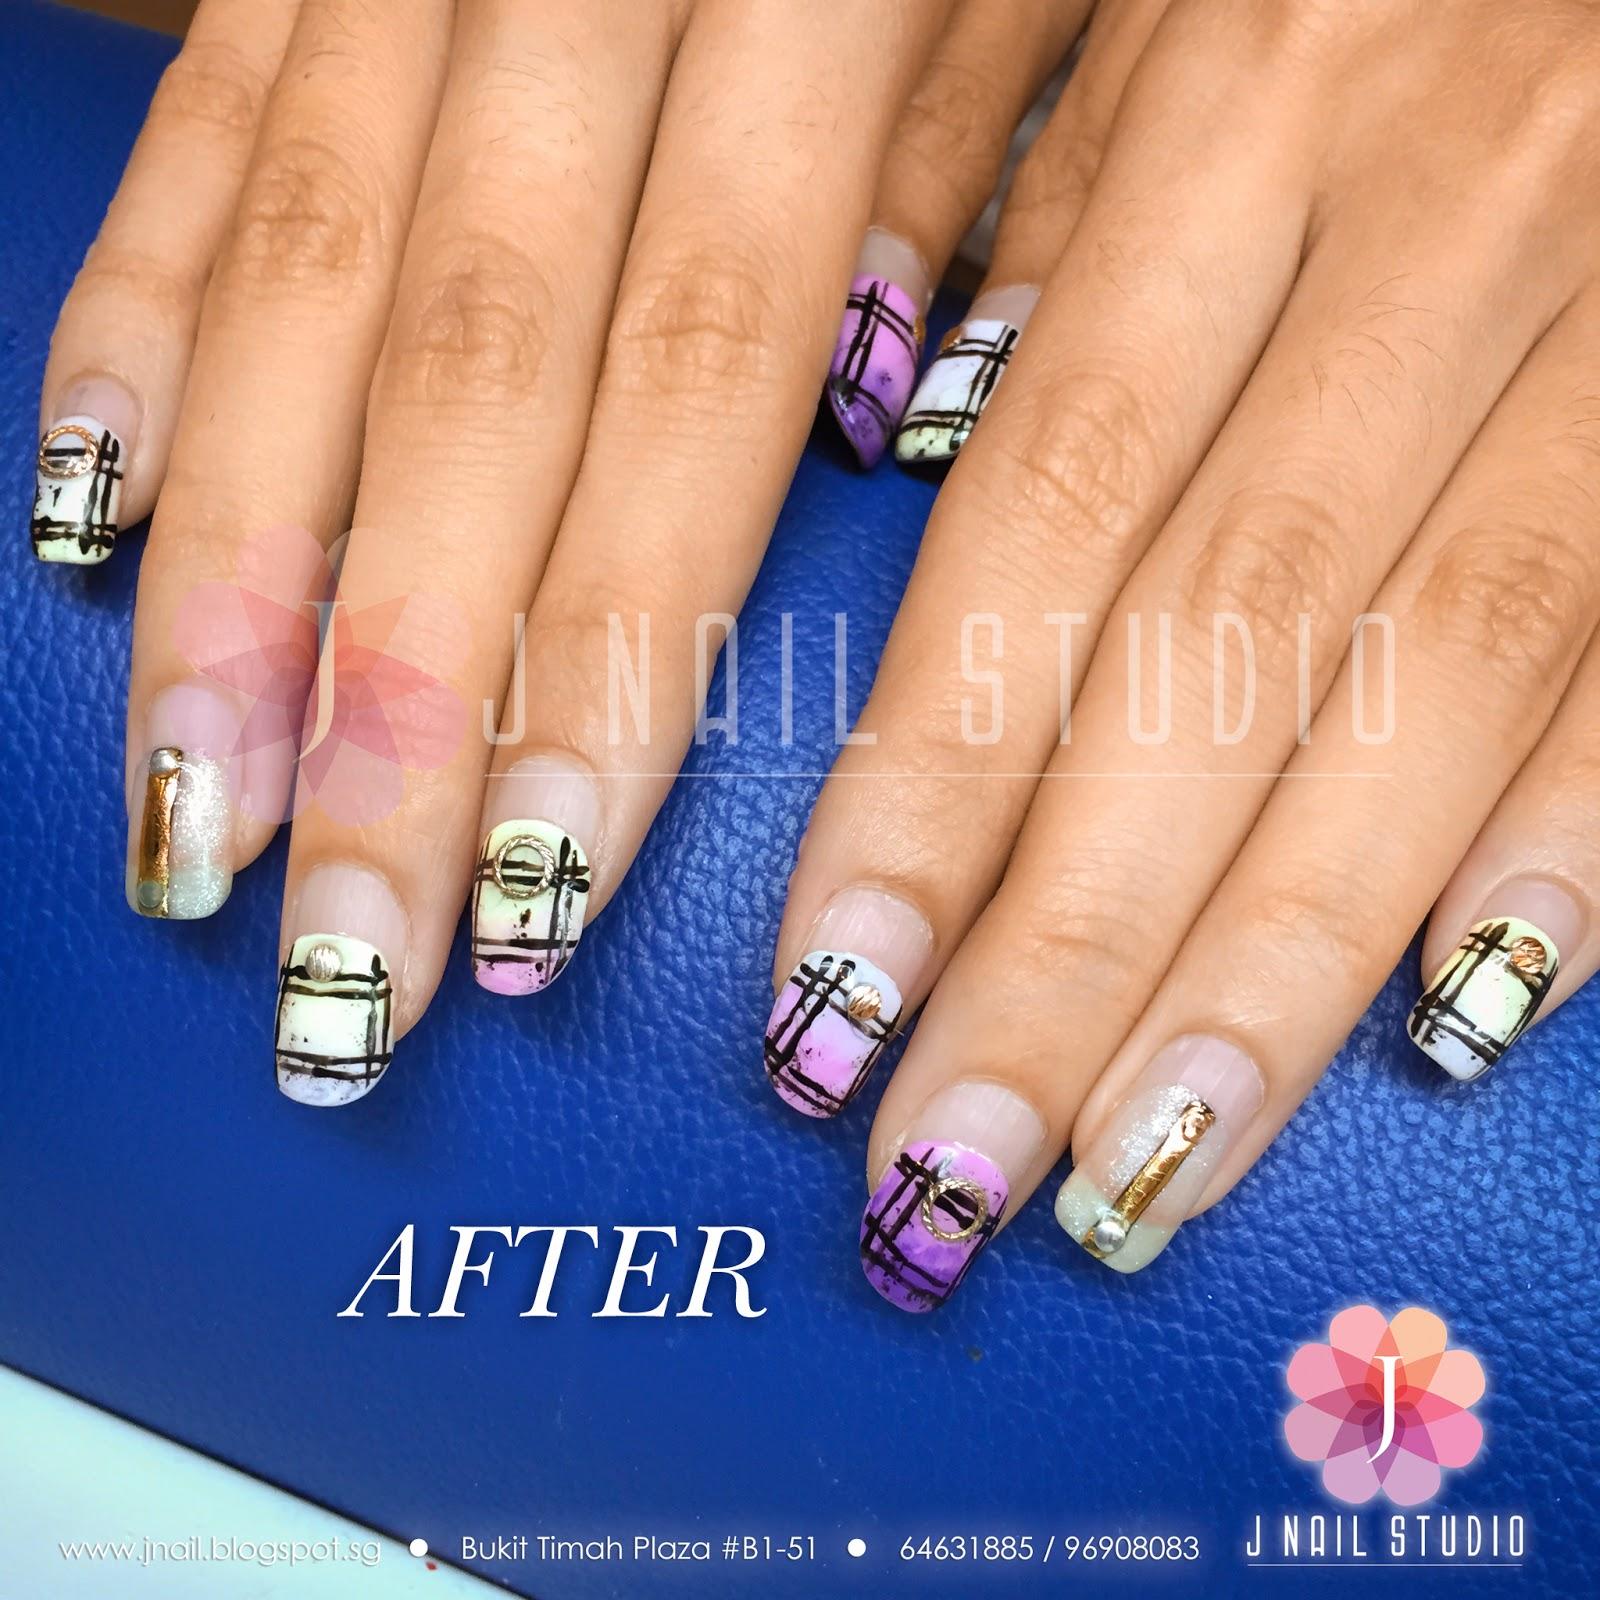 gel nails 3 weeks photo - 1